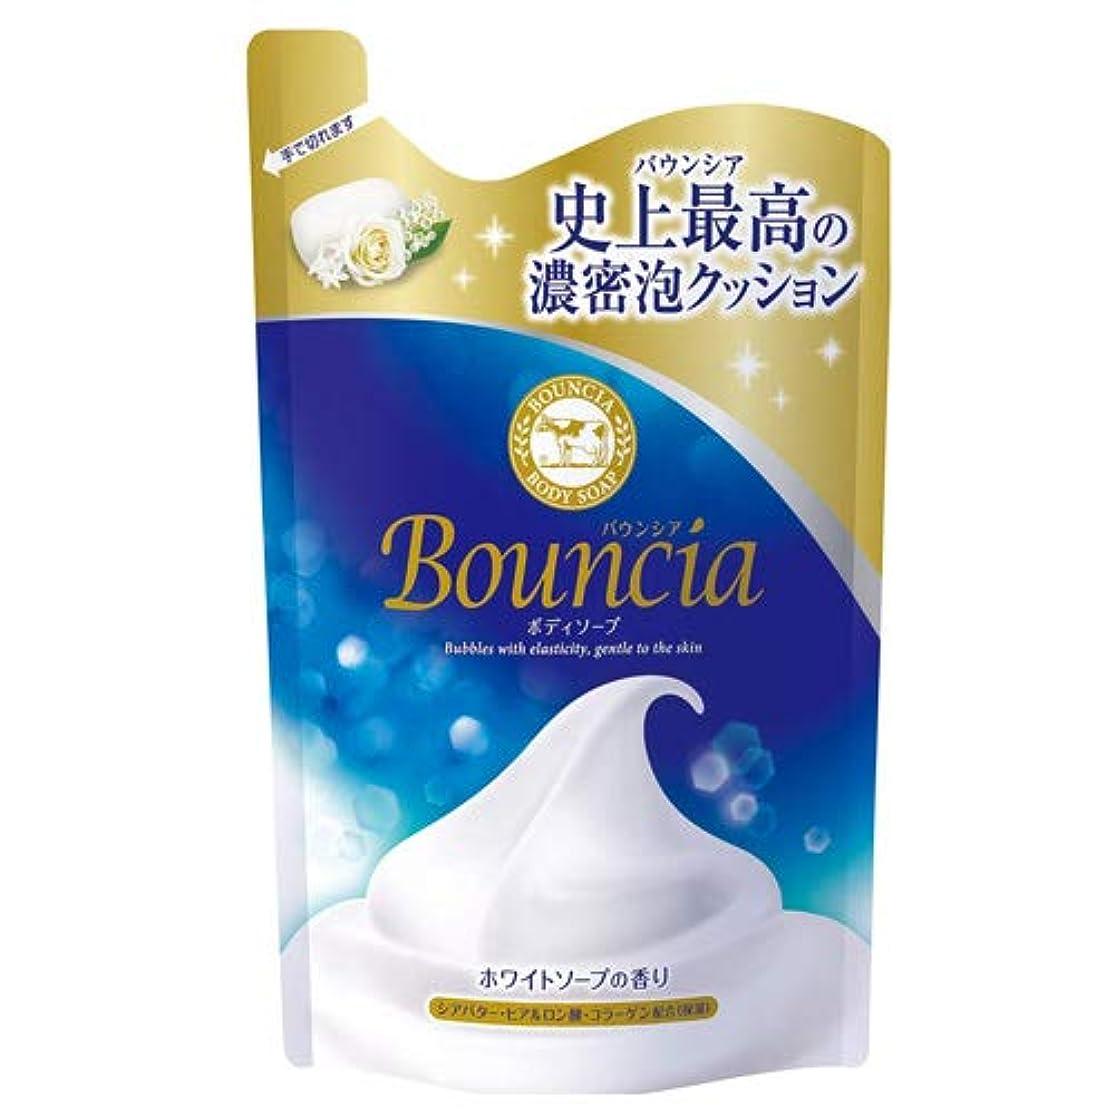 クリケット撤回する疲れた牛乳石鹸 バウンシア ボディソープ 詰替用 400ml×4個